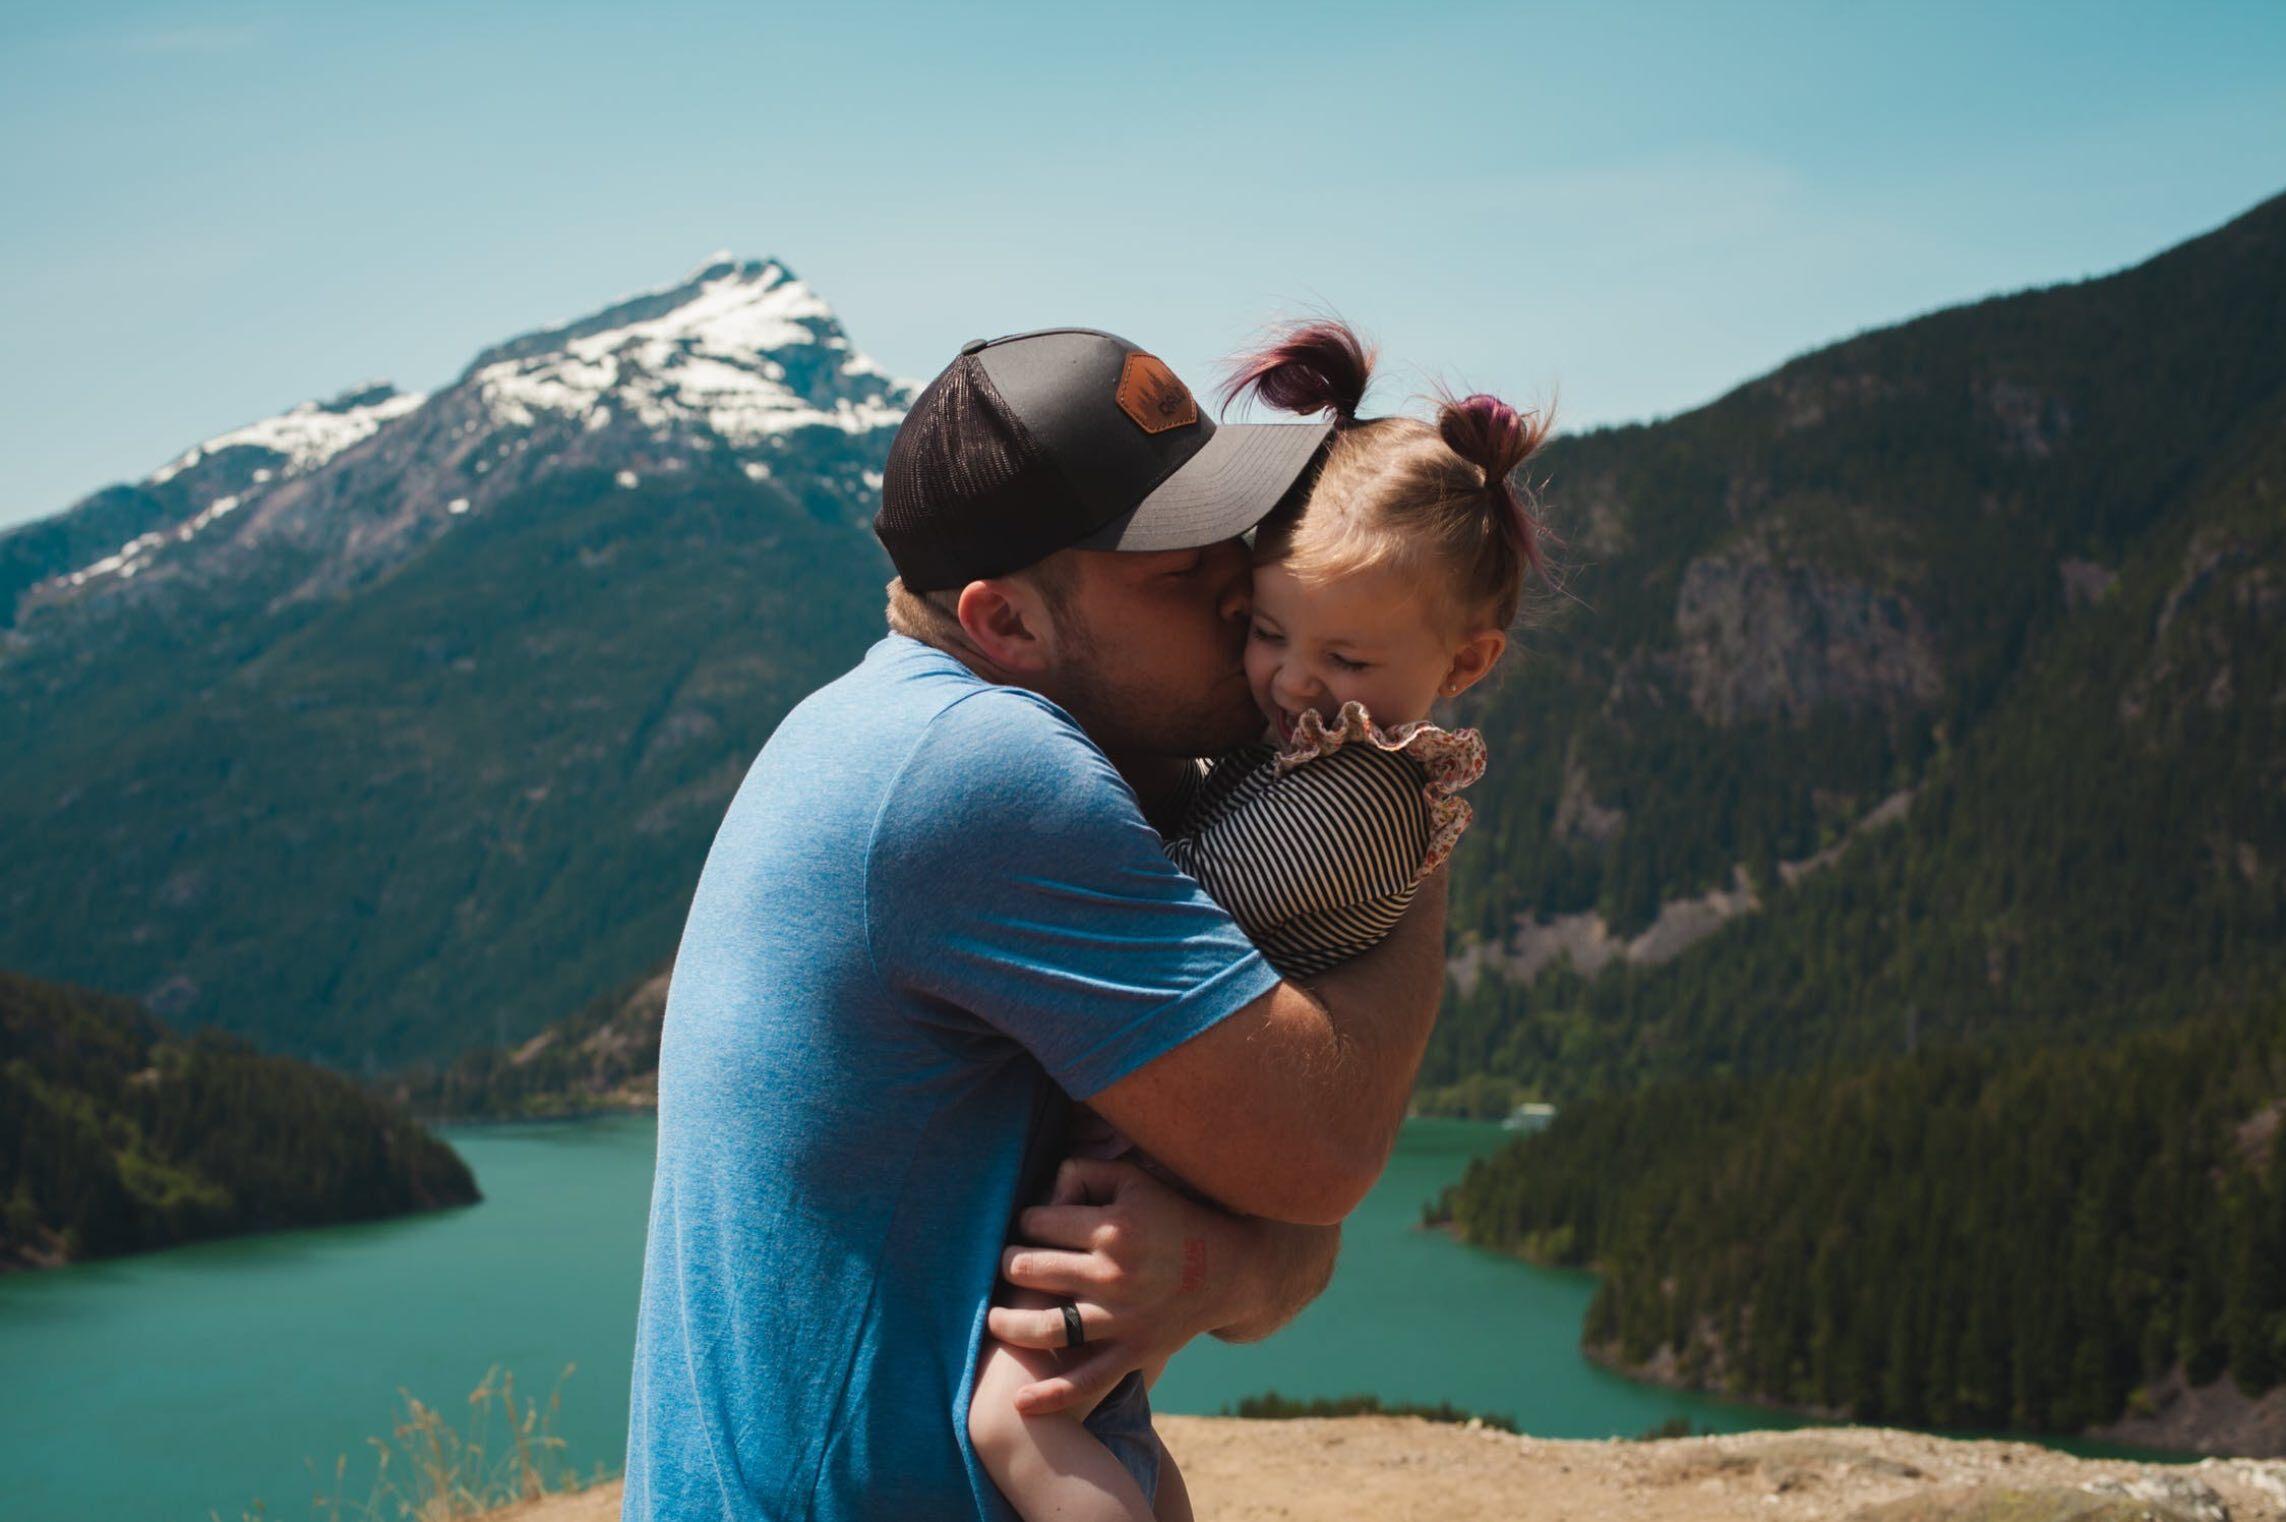 Cosa significa essere padre?